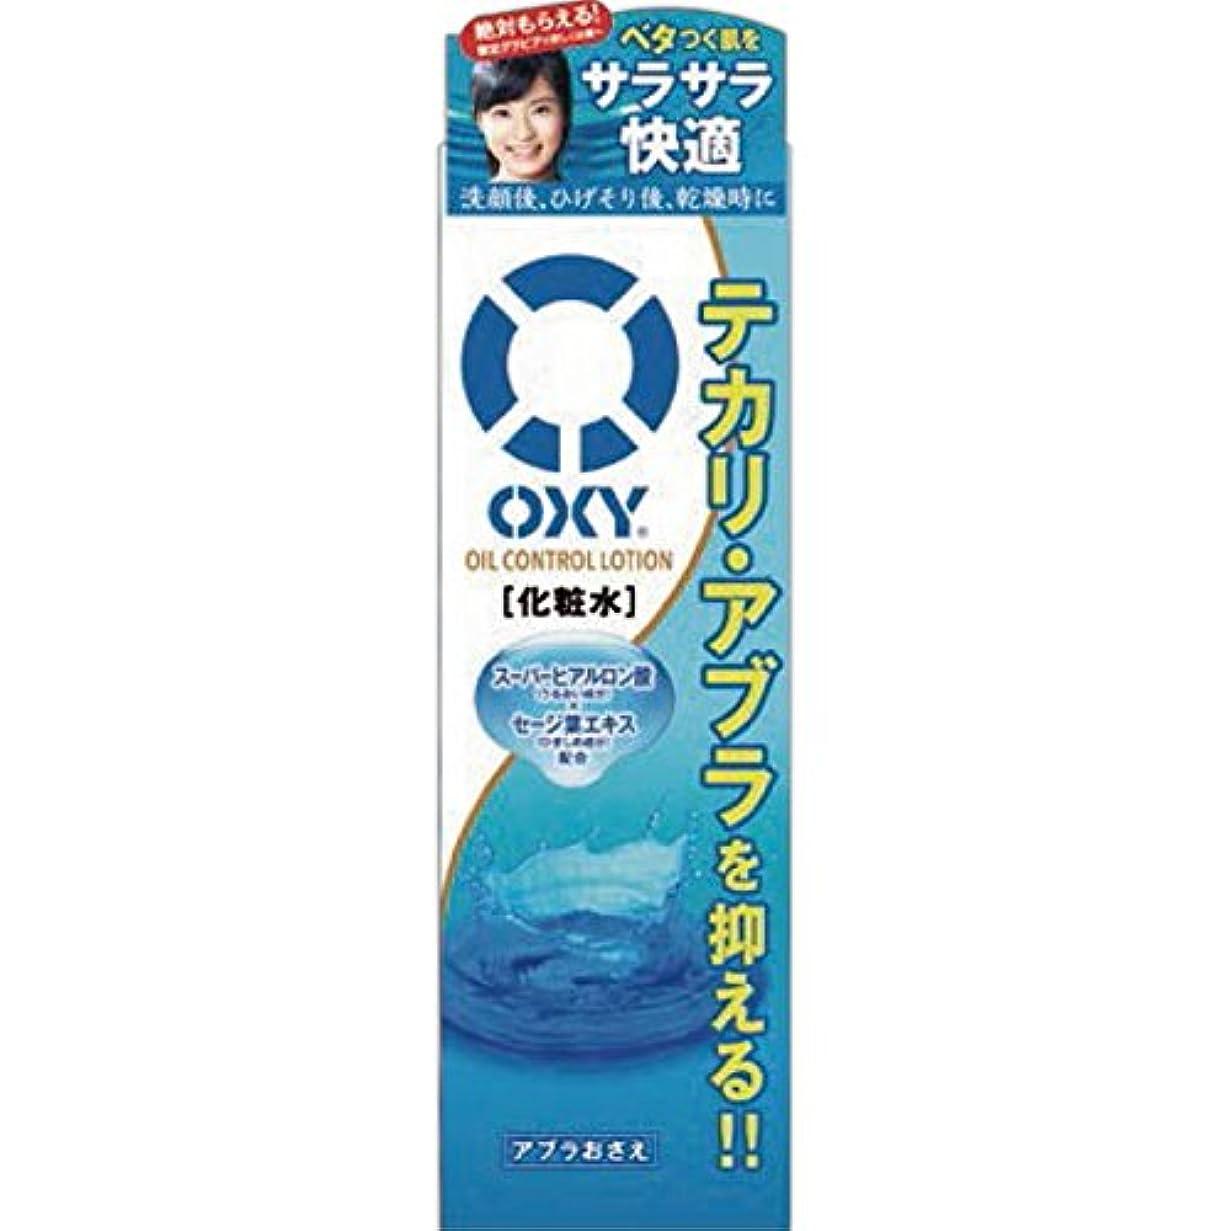 液体生産性非難するオキシー (Oxy) オイルコントロールローション スーパーヒアルロン酸×セージ葉エキス配合 ゼラニウムの香 170mL